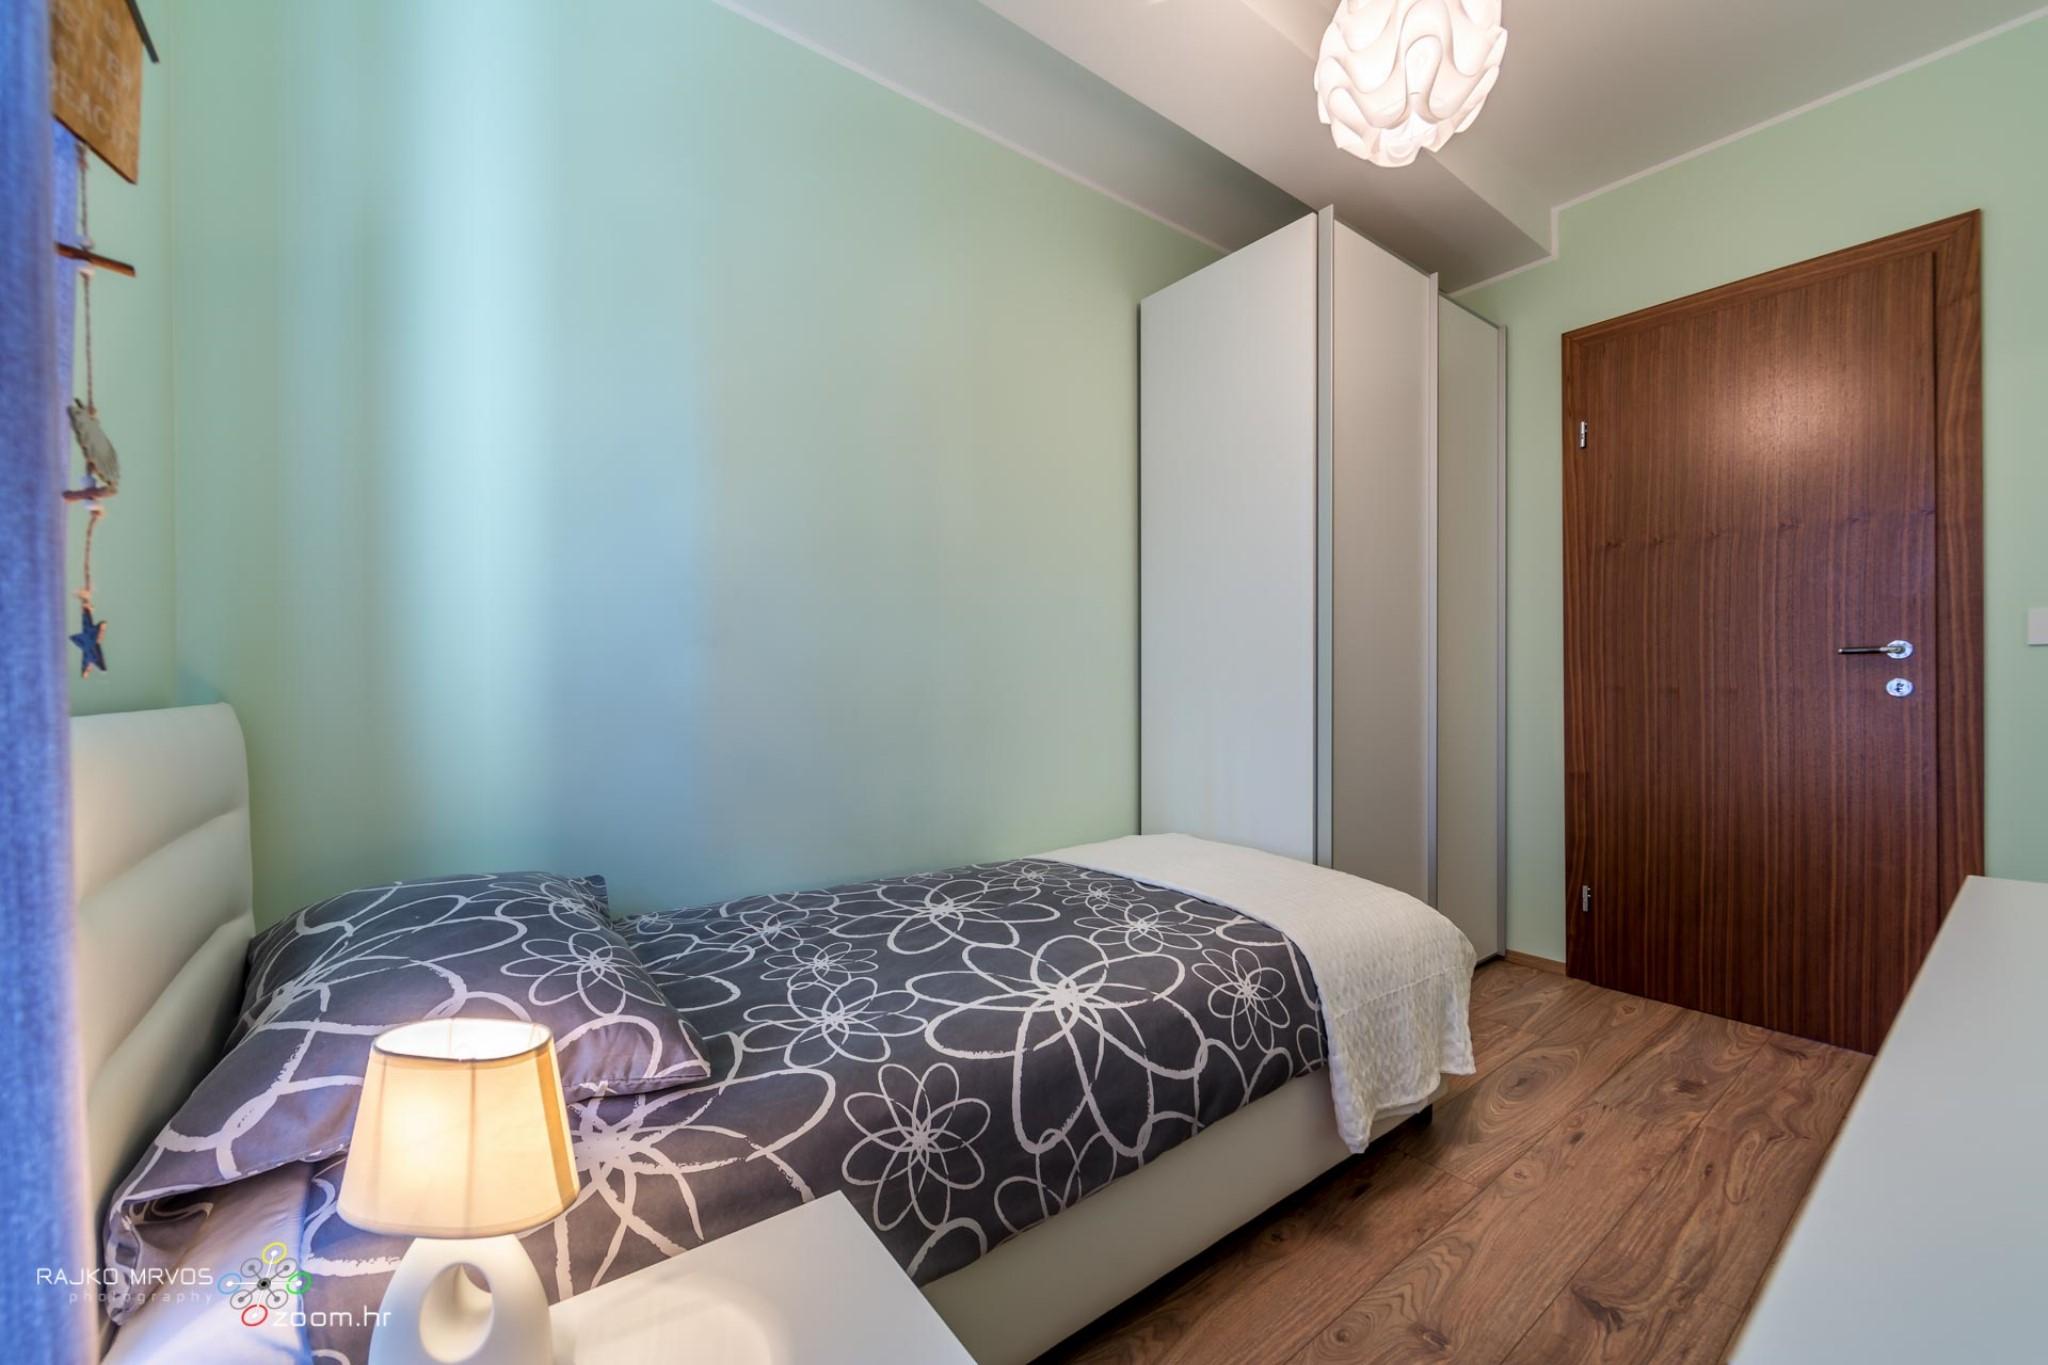 fotografiranje-interijera-fotograf-eksterijera-apartmana-vila-kuca-hotela-apartman-Pobri-Opatija-16